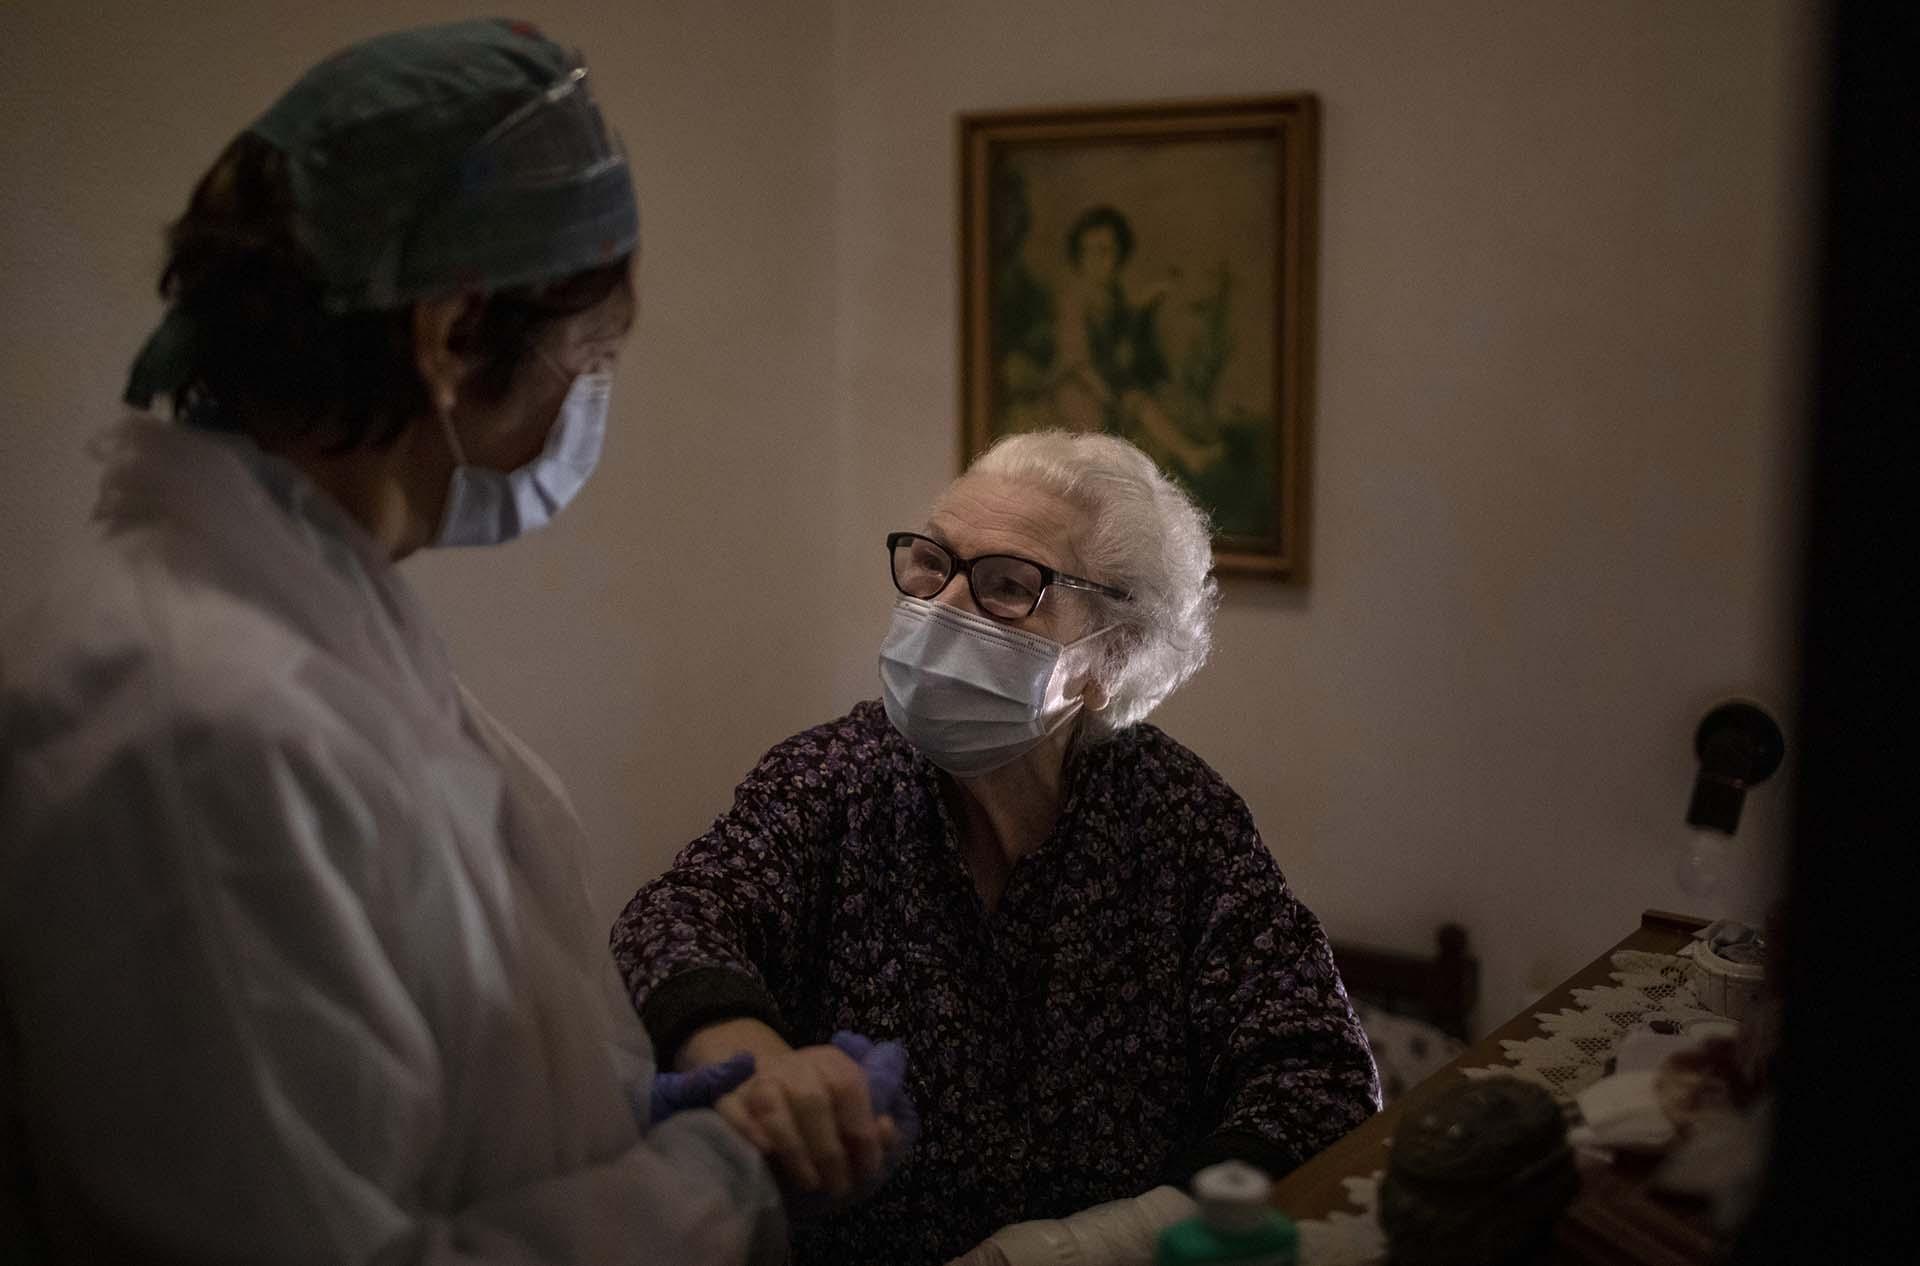 Pepita Jove Puiggros, de 92 años, sostiene la mano de una enfermera durante una visita en Barcelona, España (AP Photo/Emilio Morenatti)